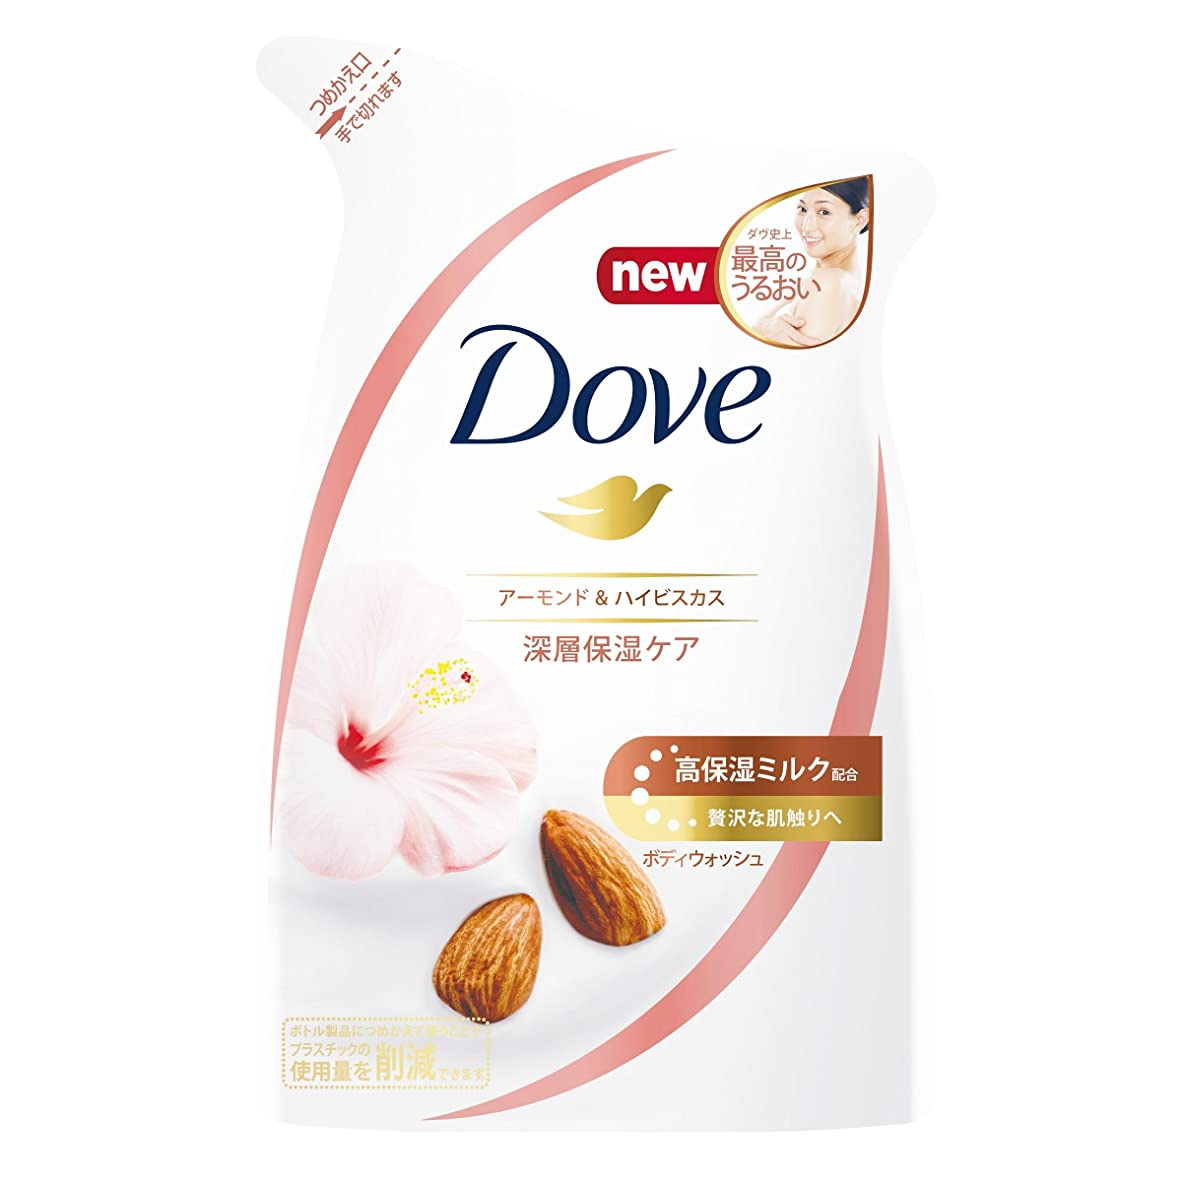 ブルーベル摂氏度吸収剤Dove ダヴ ボディウォッシュ アーモンド & ハイビスカス つめかえ用 340g